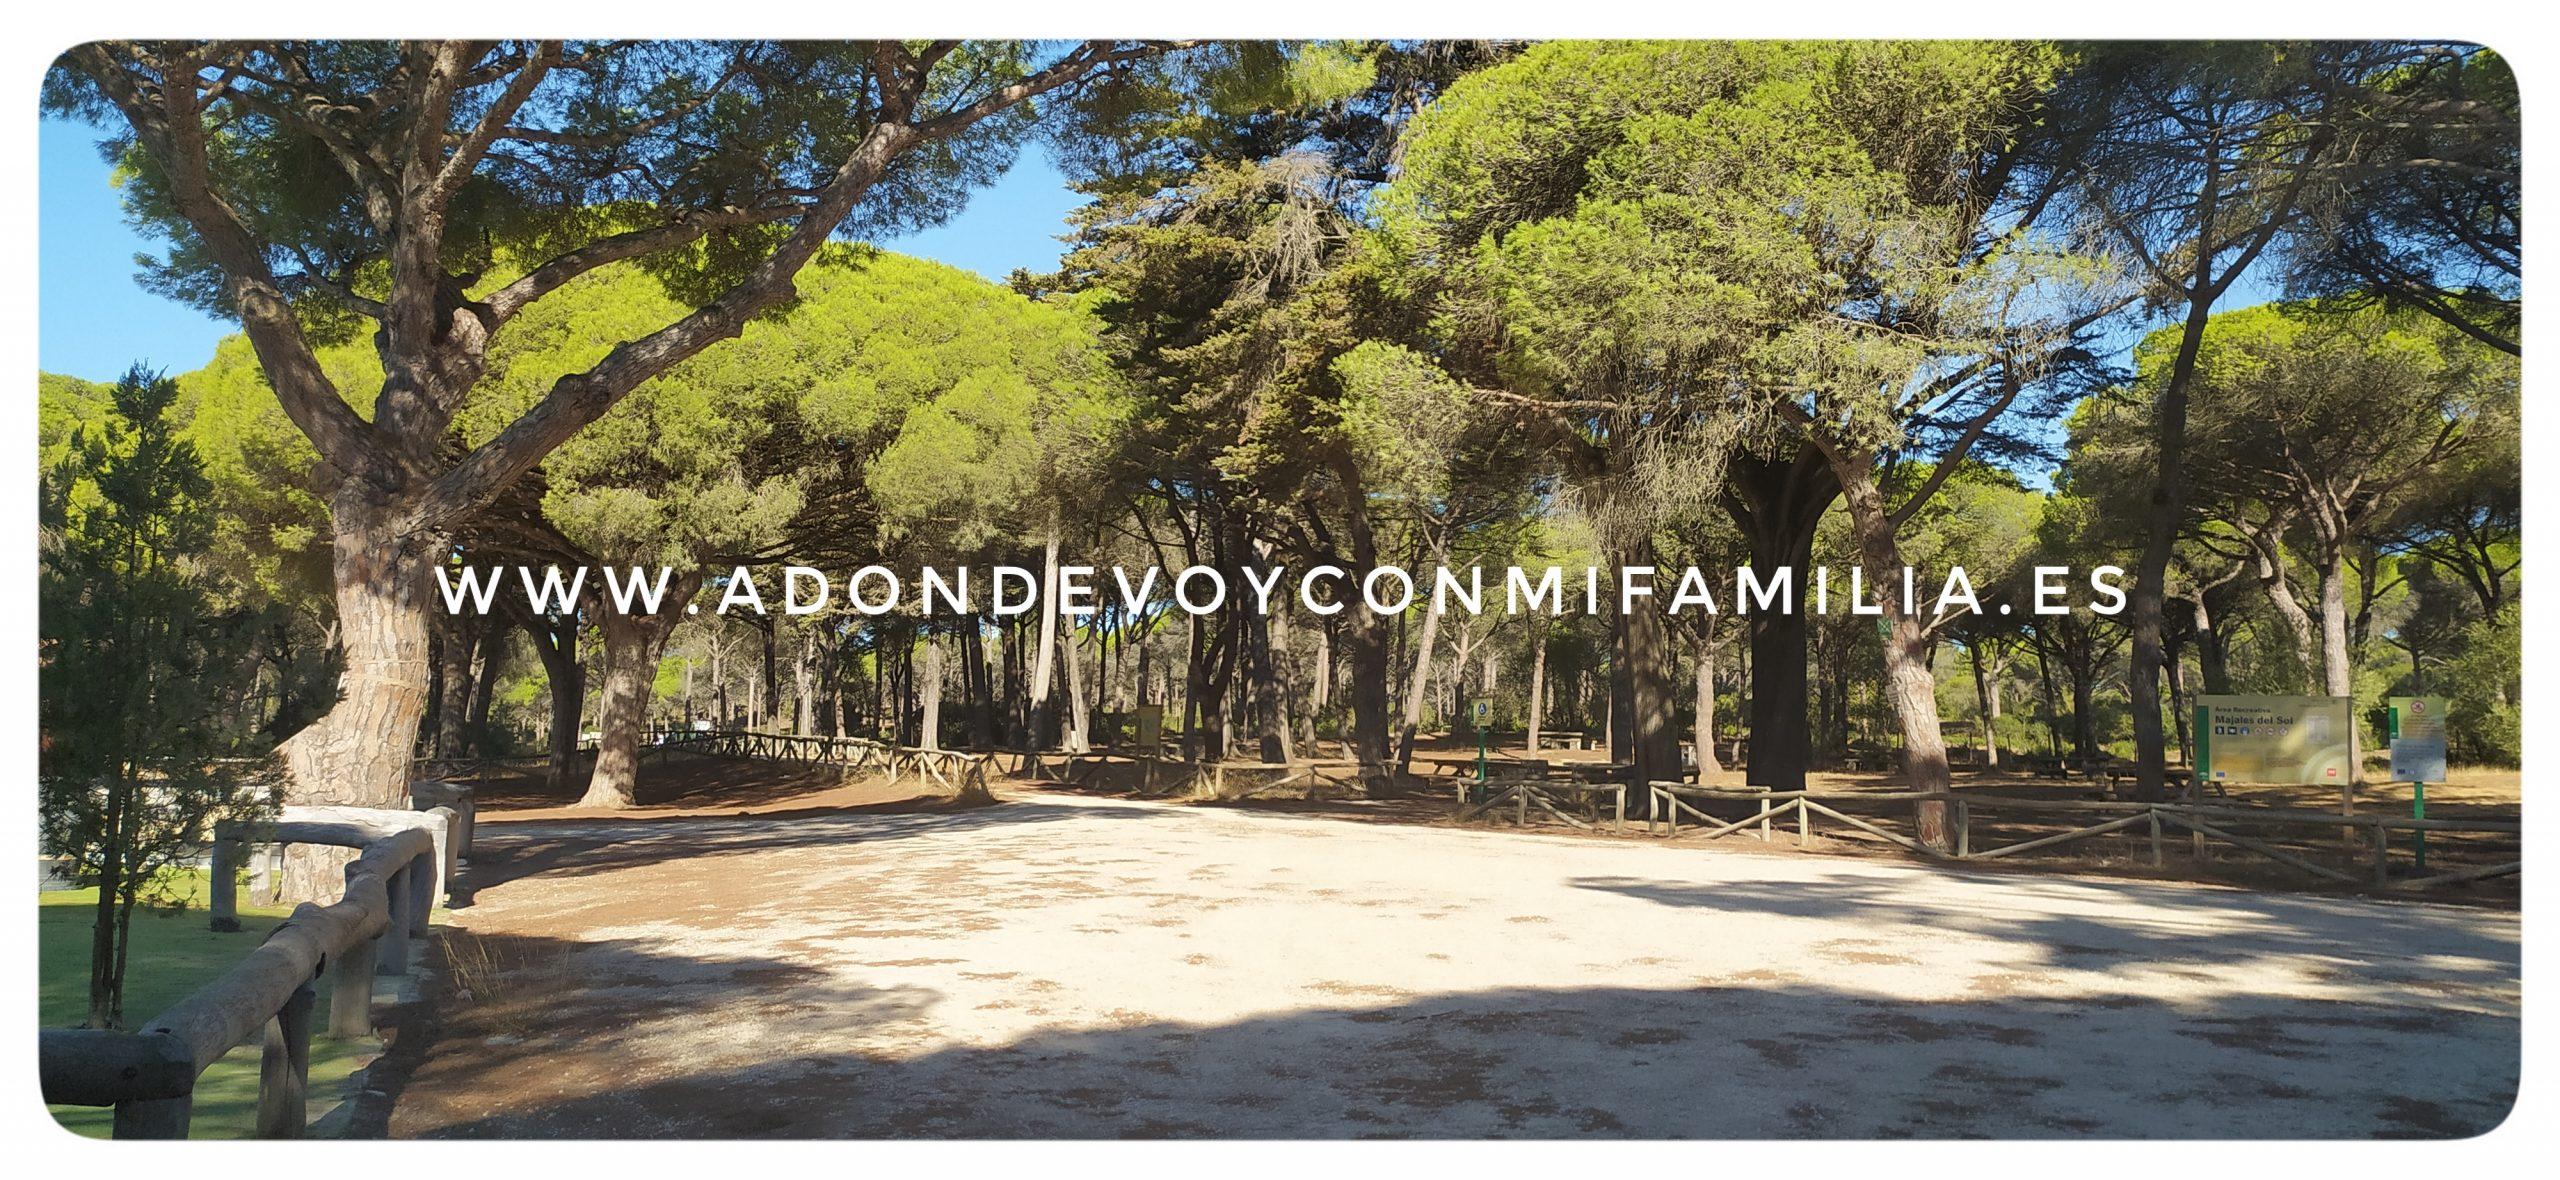 area recreativa majales del sol adondevoyconmifamilia (2)